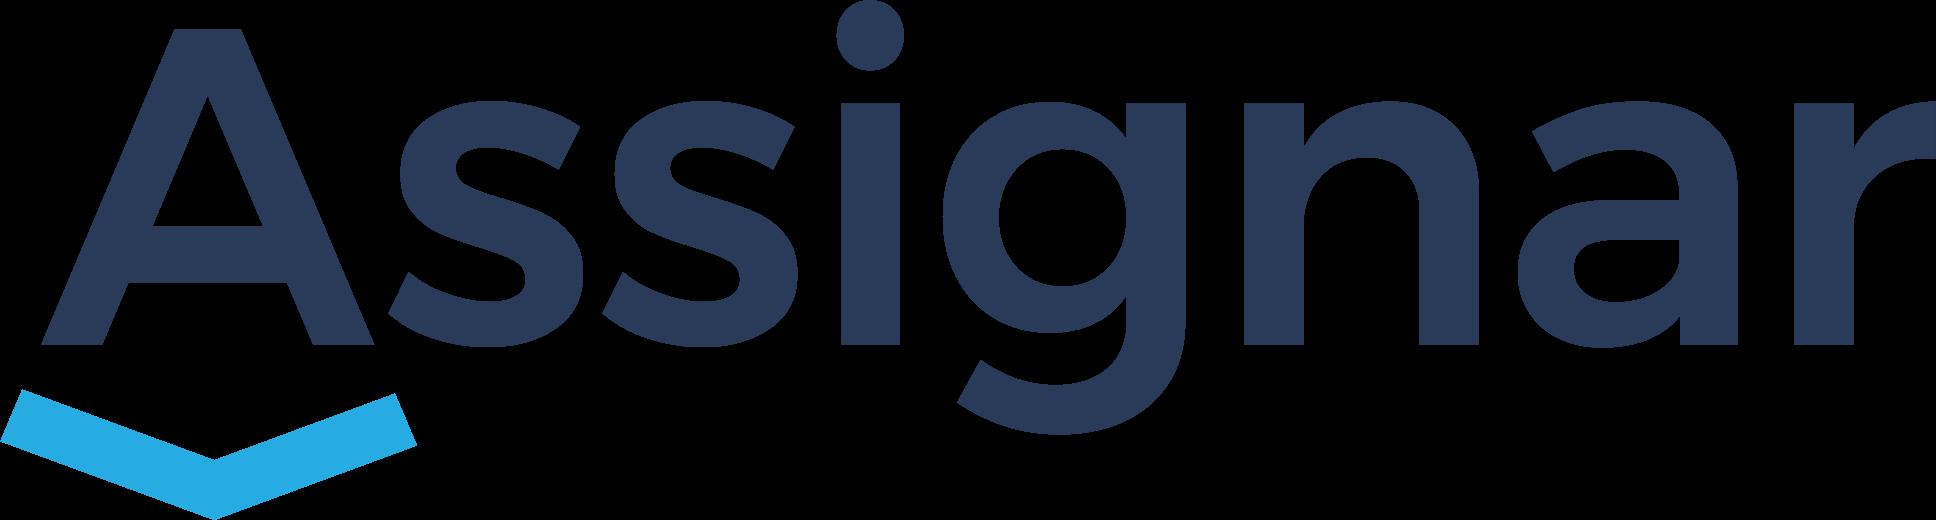 new-assignar-logo (1).png